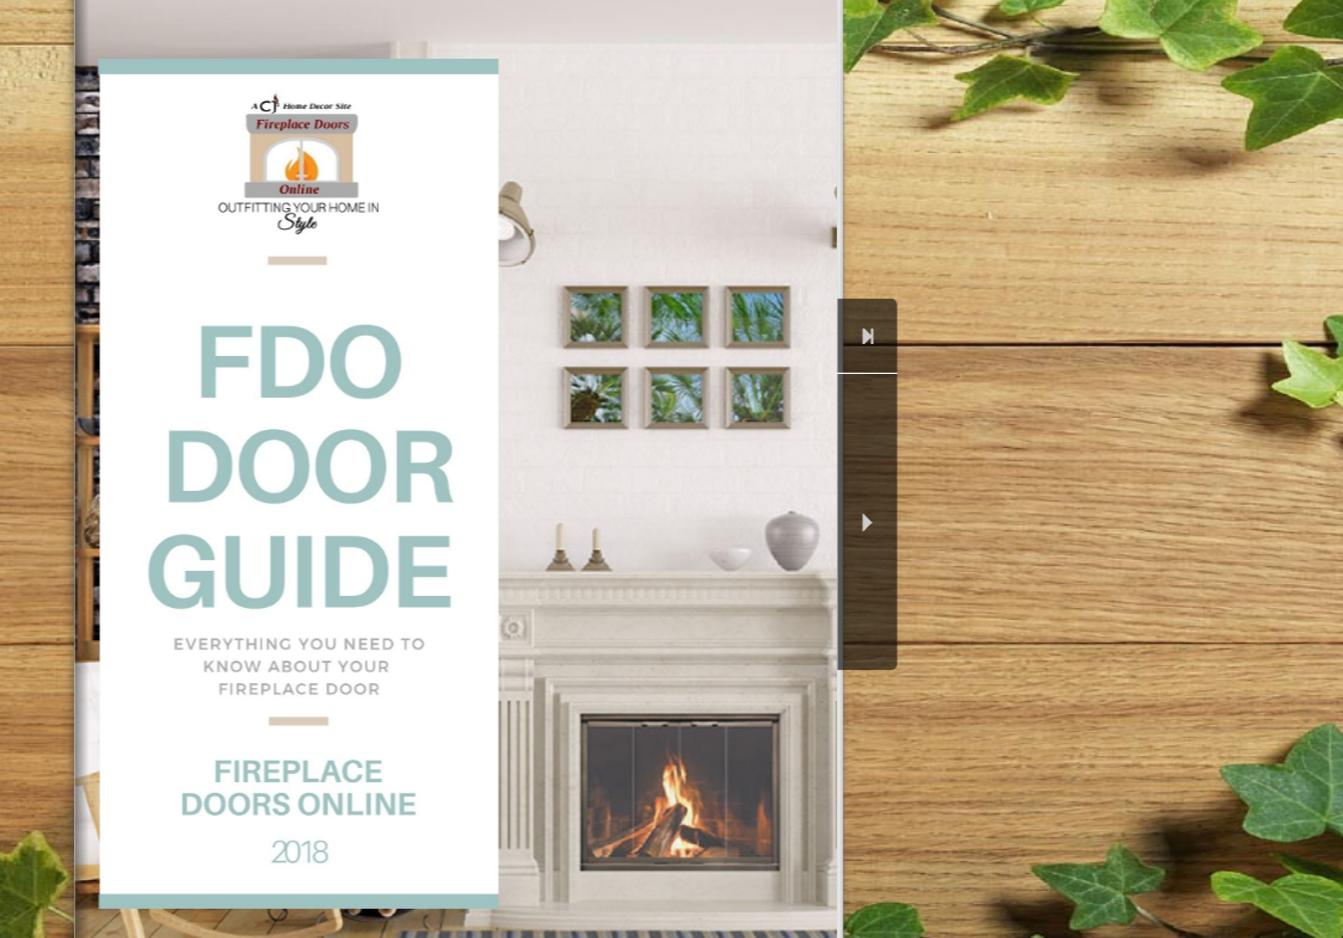 FDO Door Guide